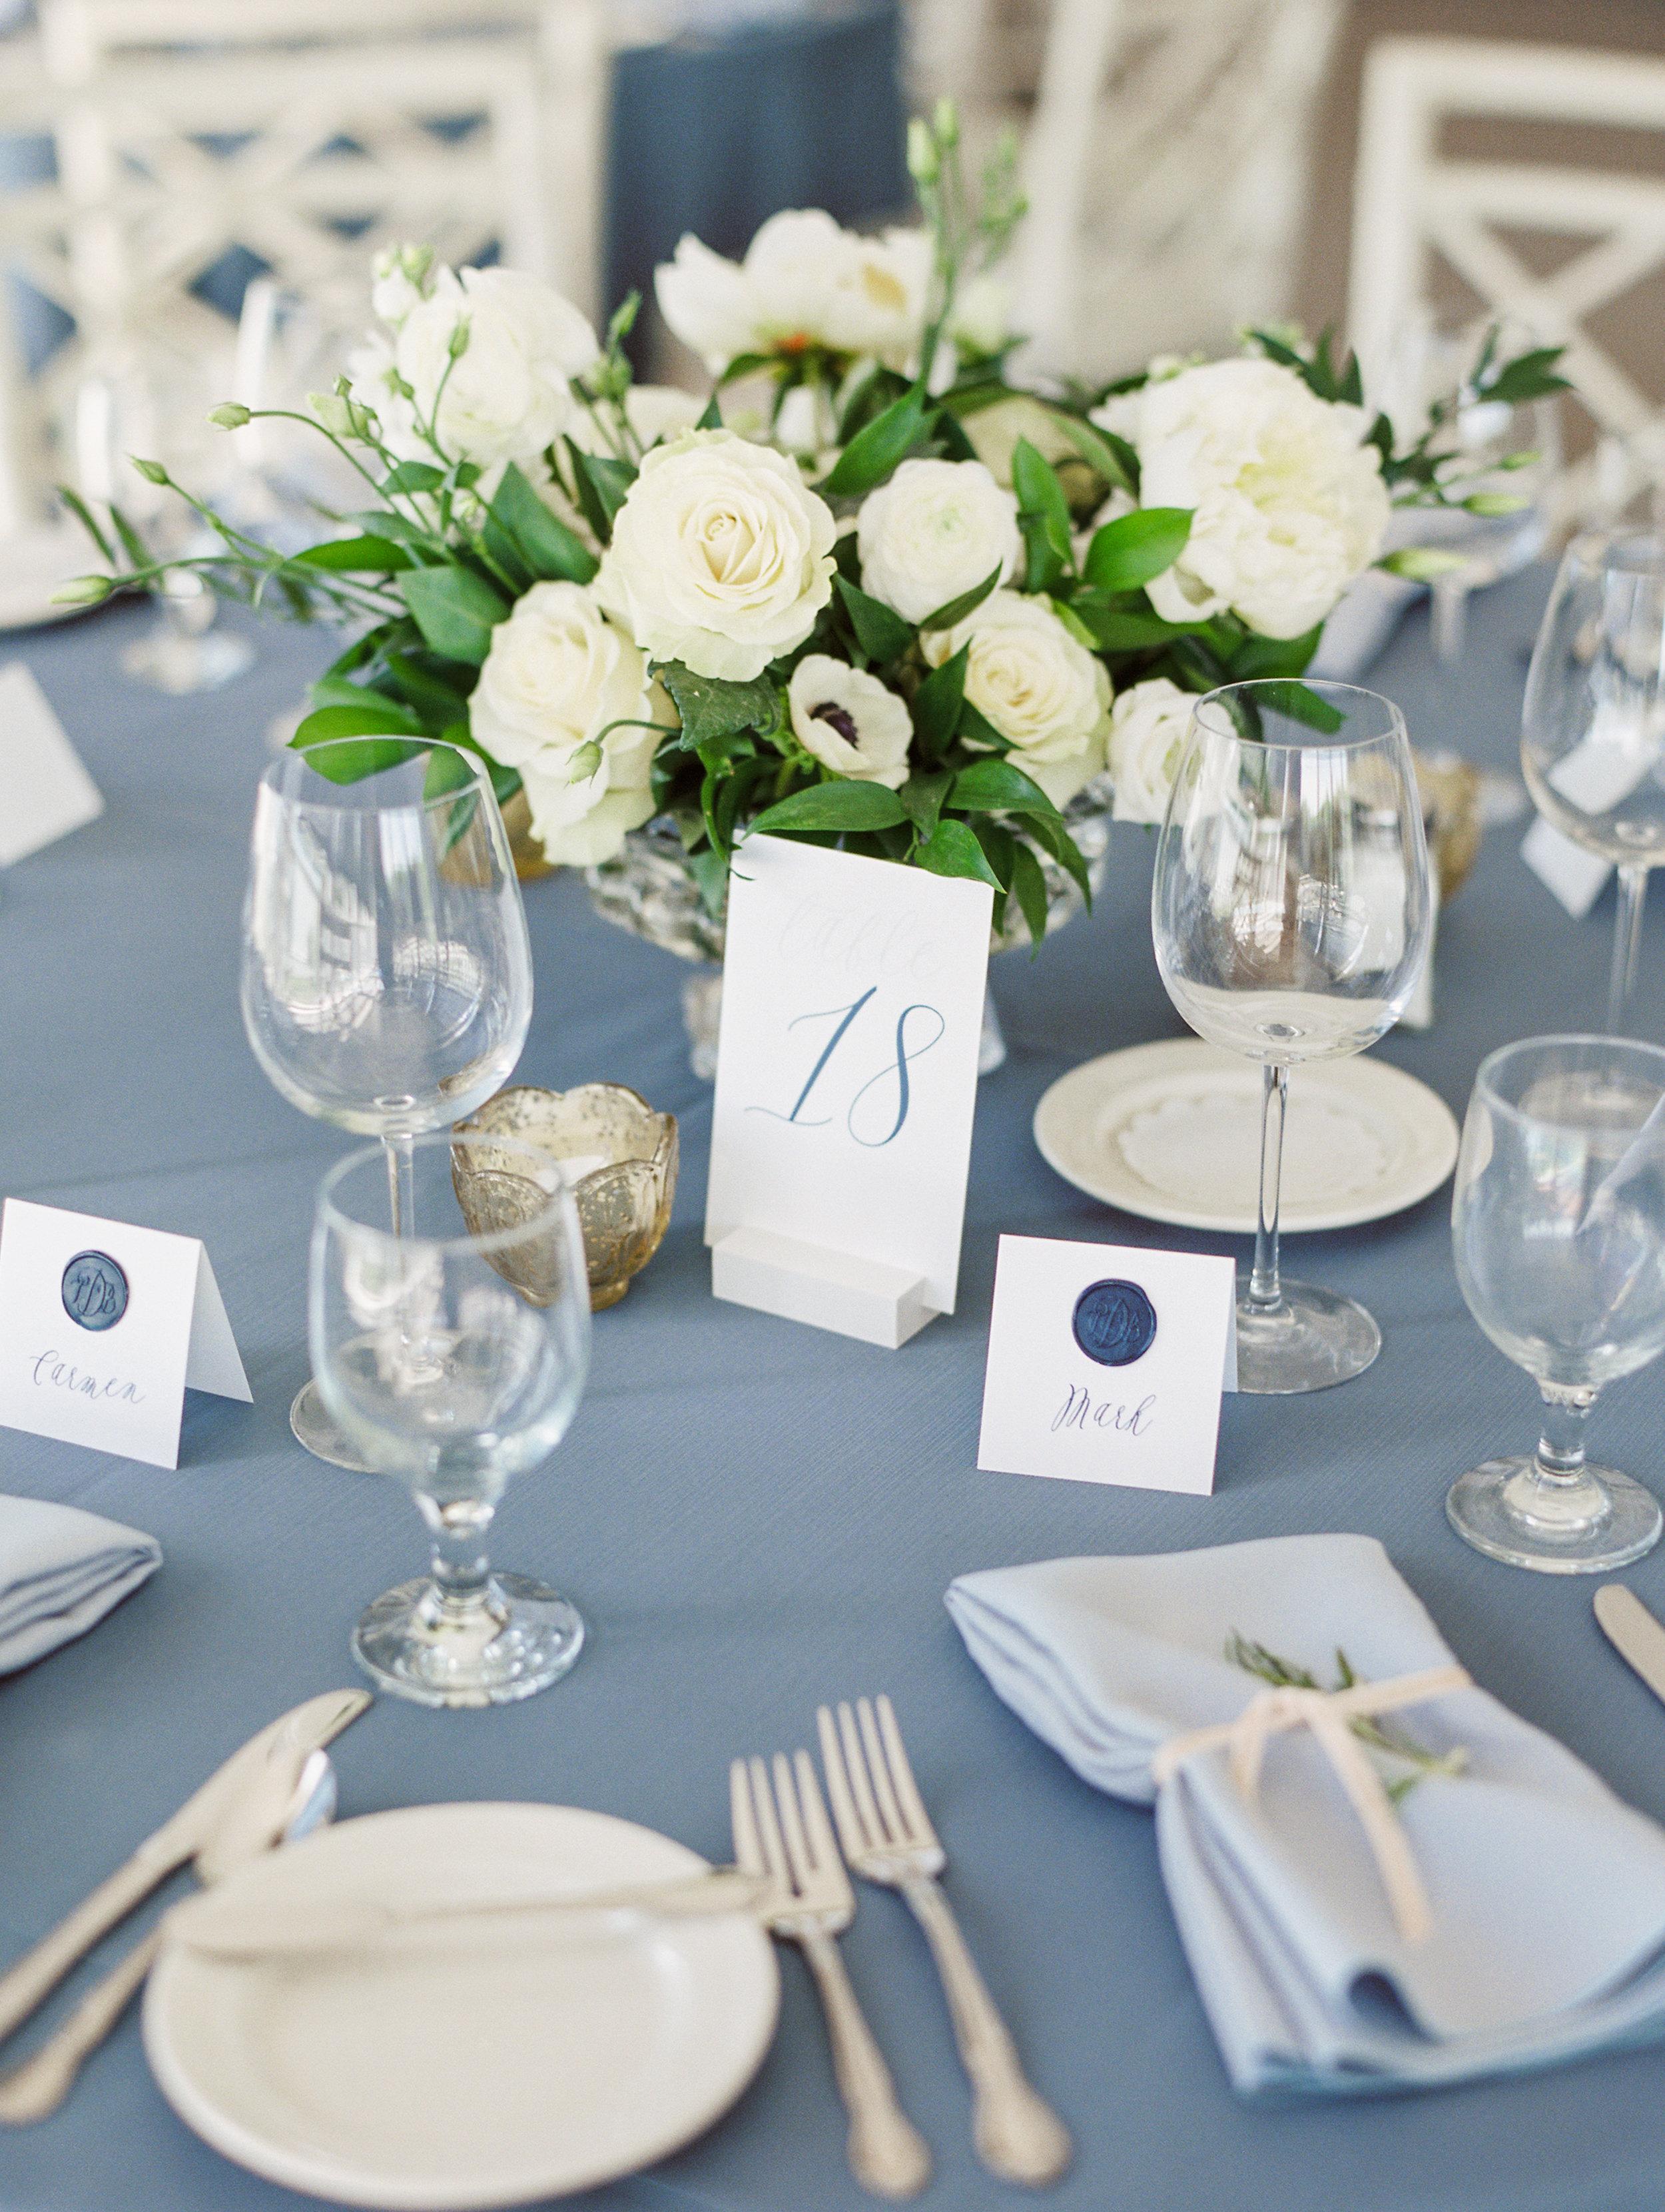 DeGuilio+Wedding+Reception+Detailsf-13.jpg